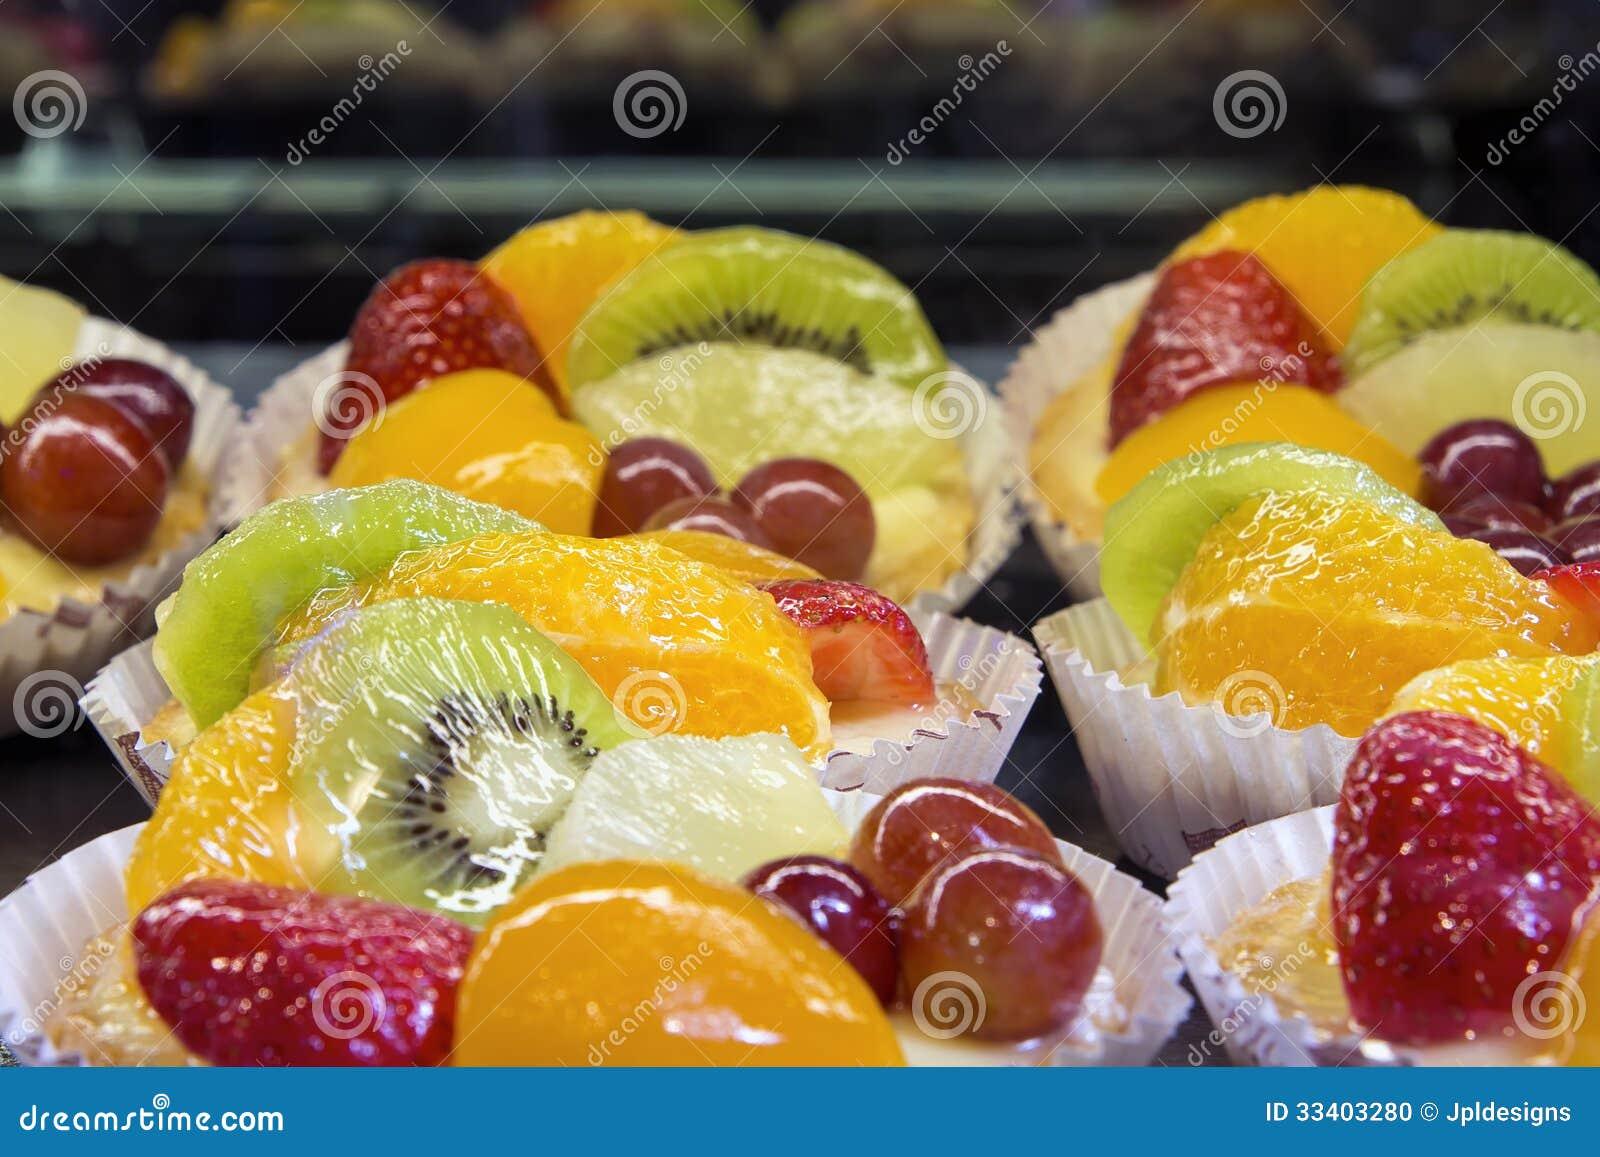 Lemon Custard Tarts With Fruits Closeup Stock Photo ...